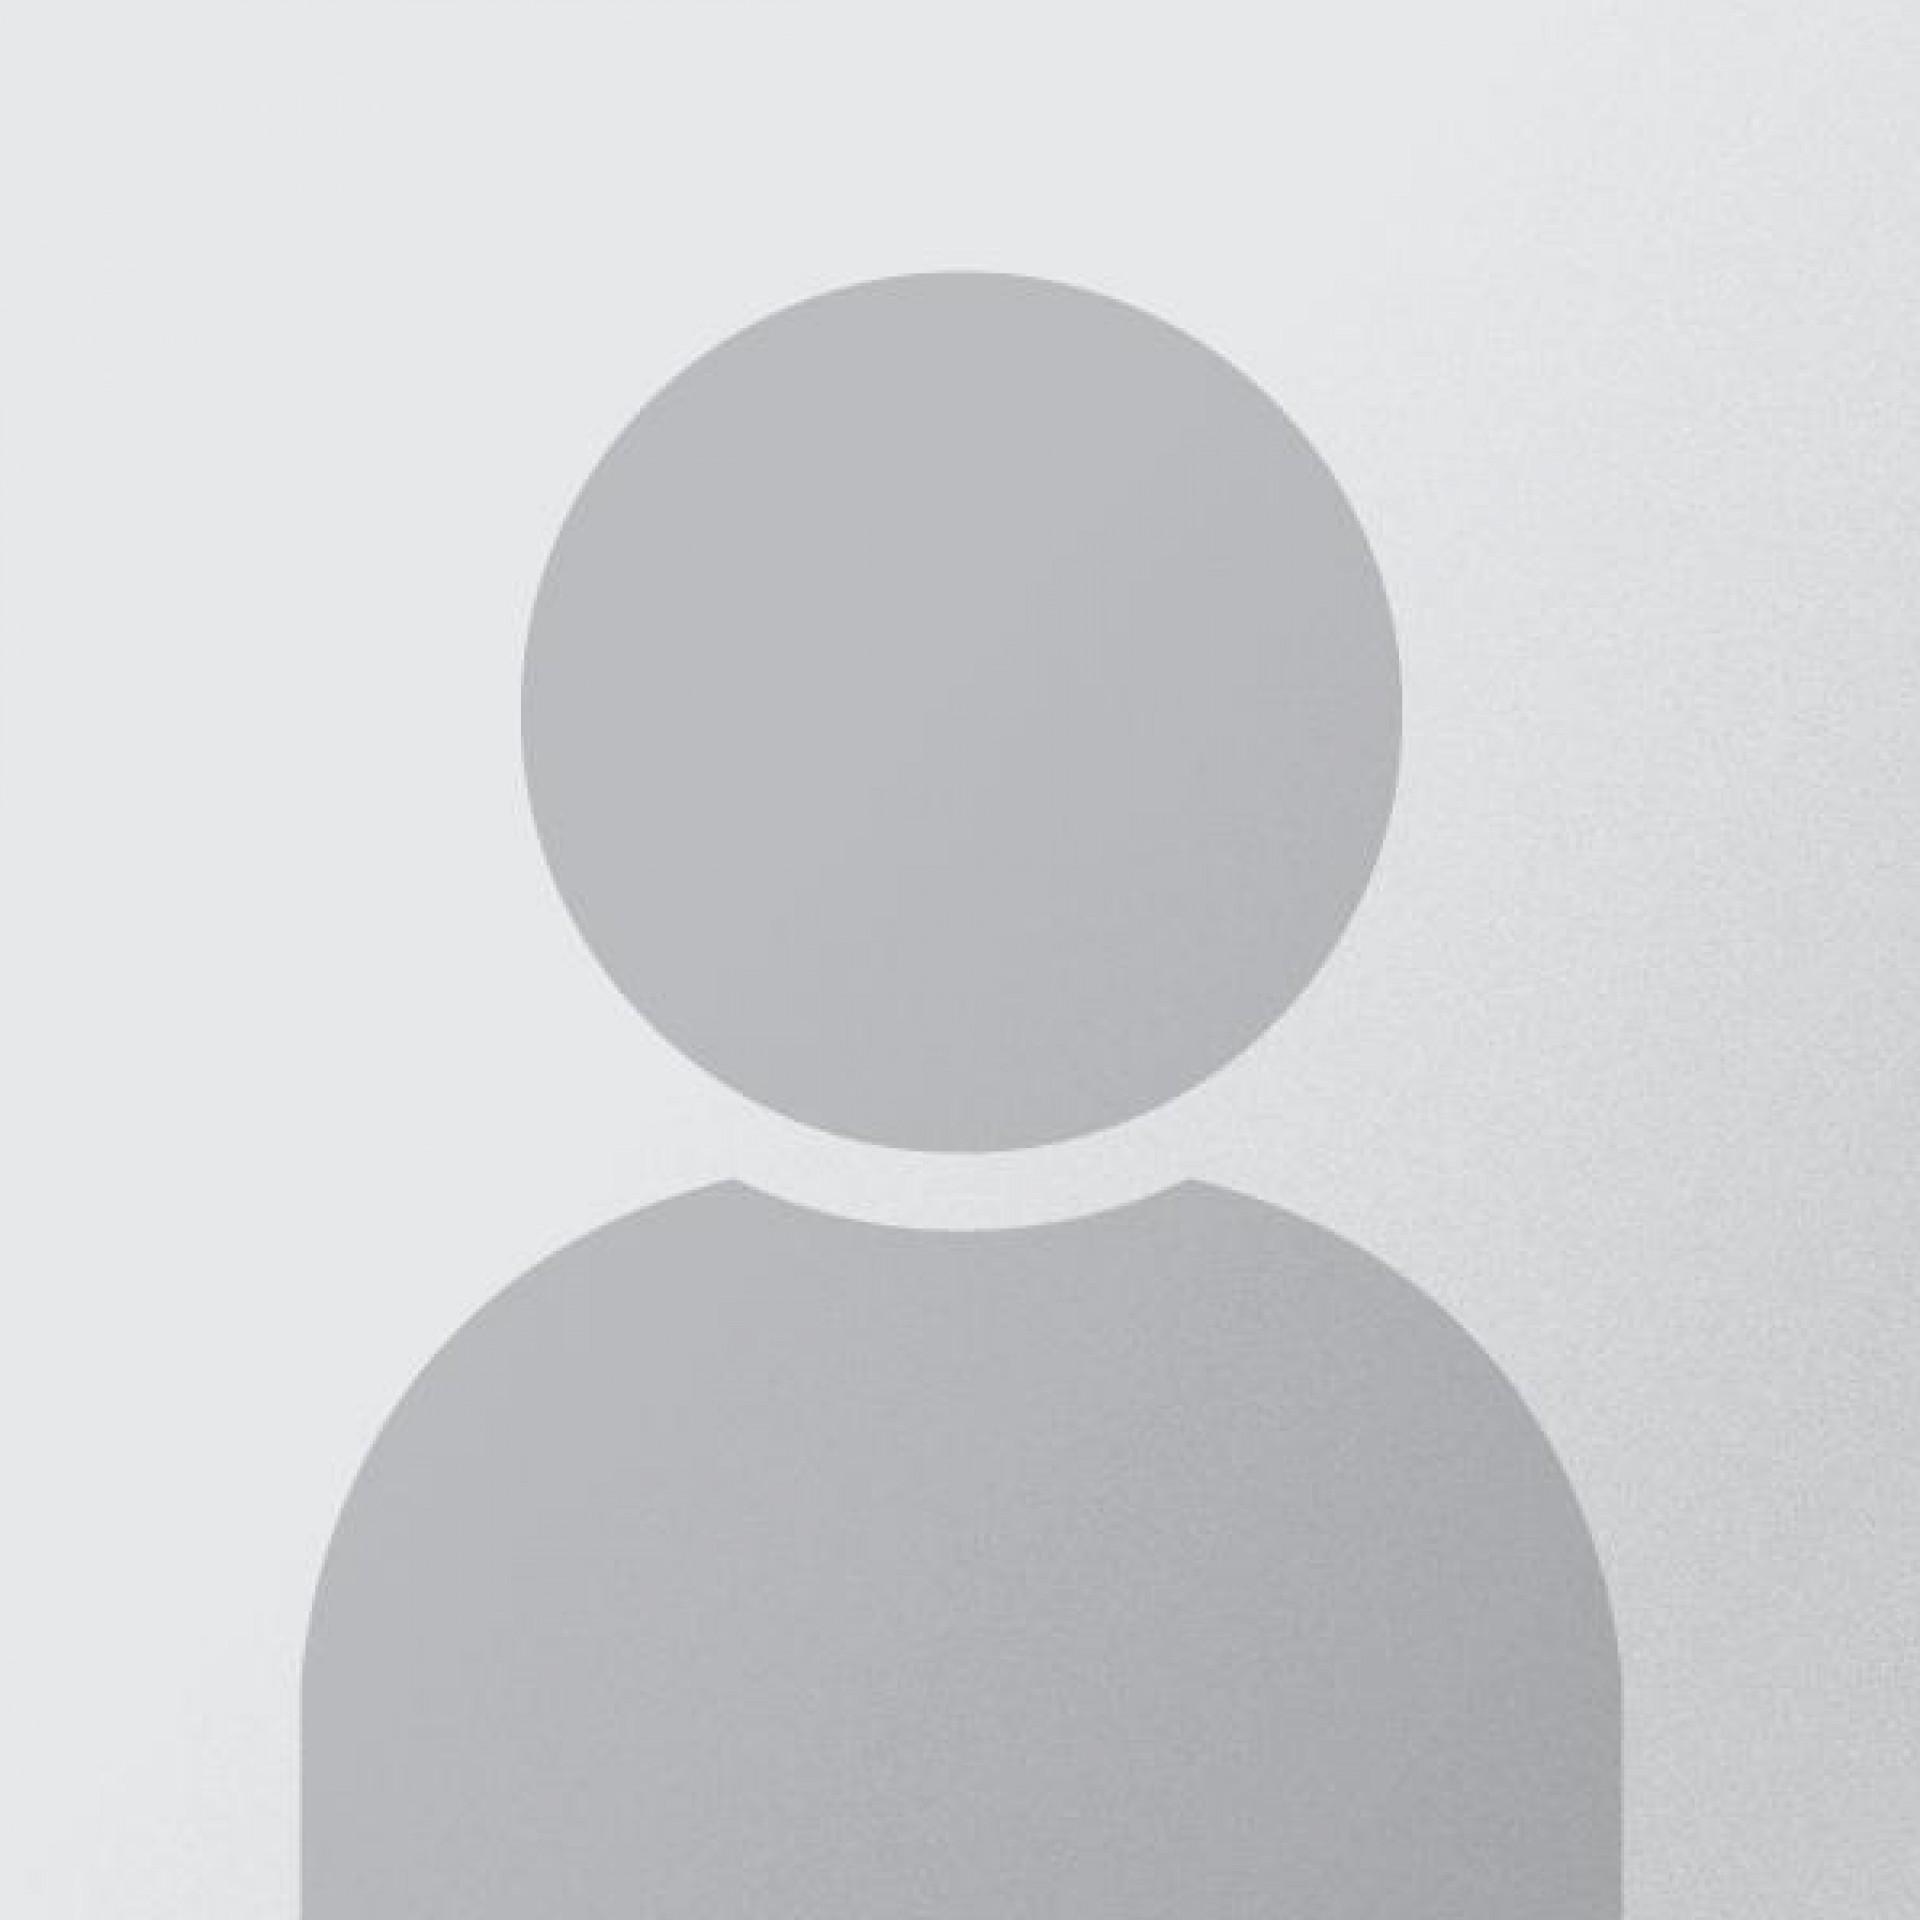 fotografia p021 profilu 01014B2L8M